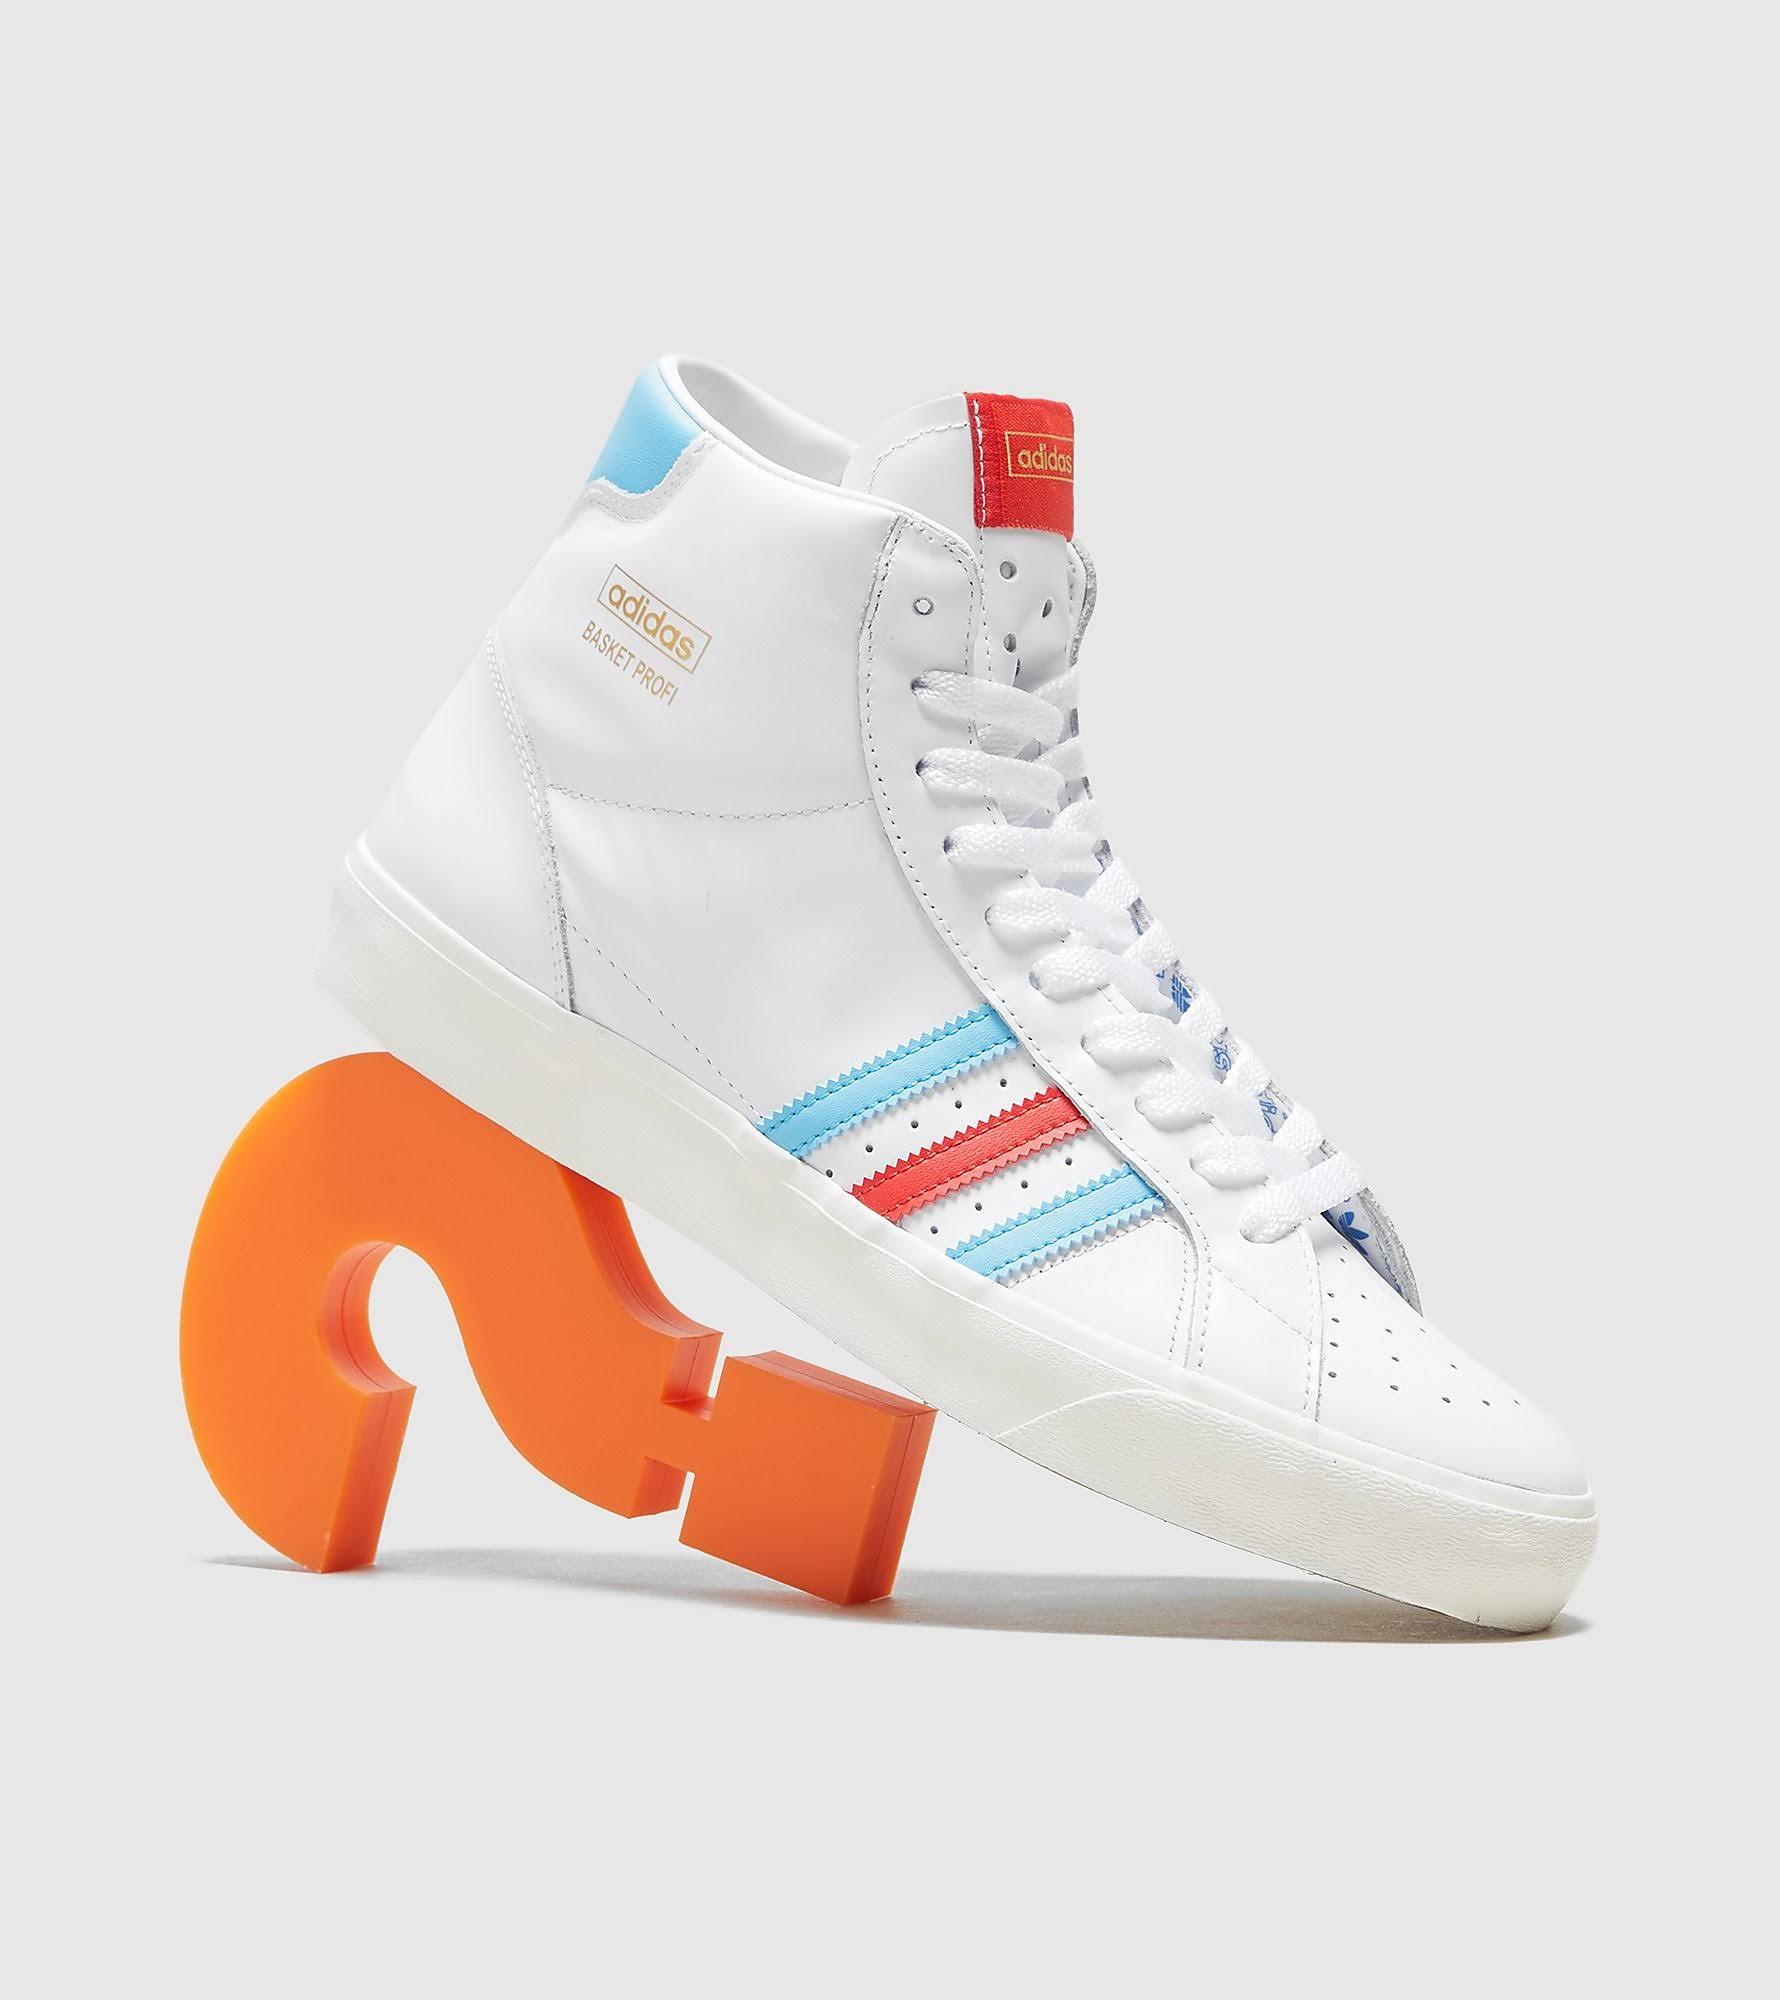 Adidas Originals Basket Profi, White - White - Size: 8.5